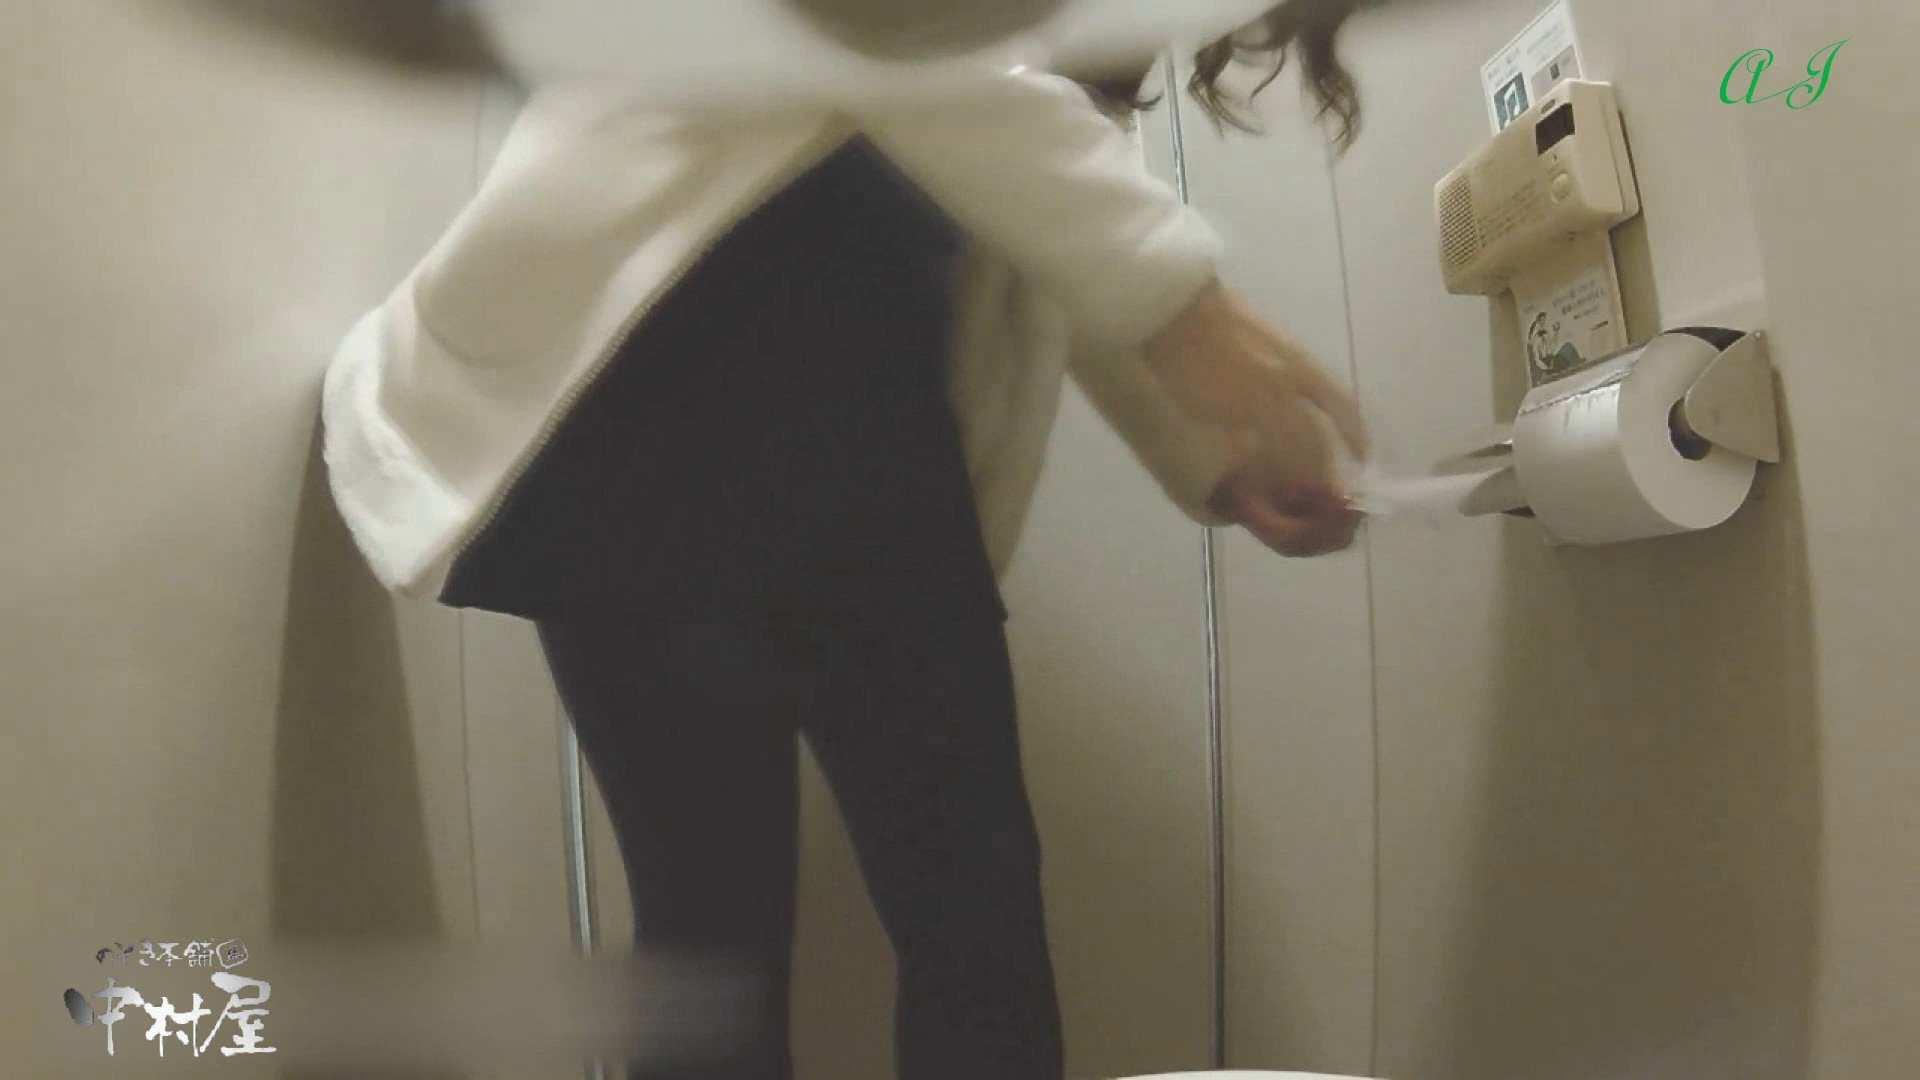 有名大学女性洗面所 vol.78 美女勢揃い 後編 洗面所 スケベ動画紹介 28連発 14